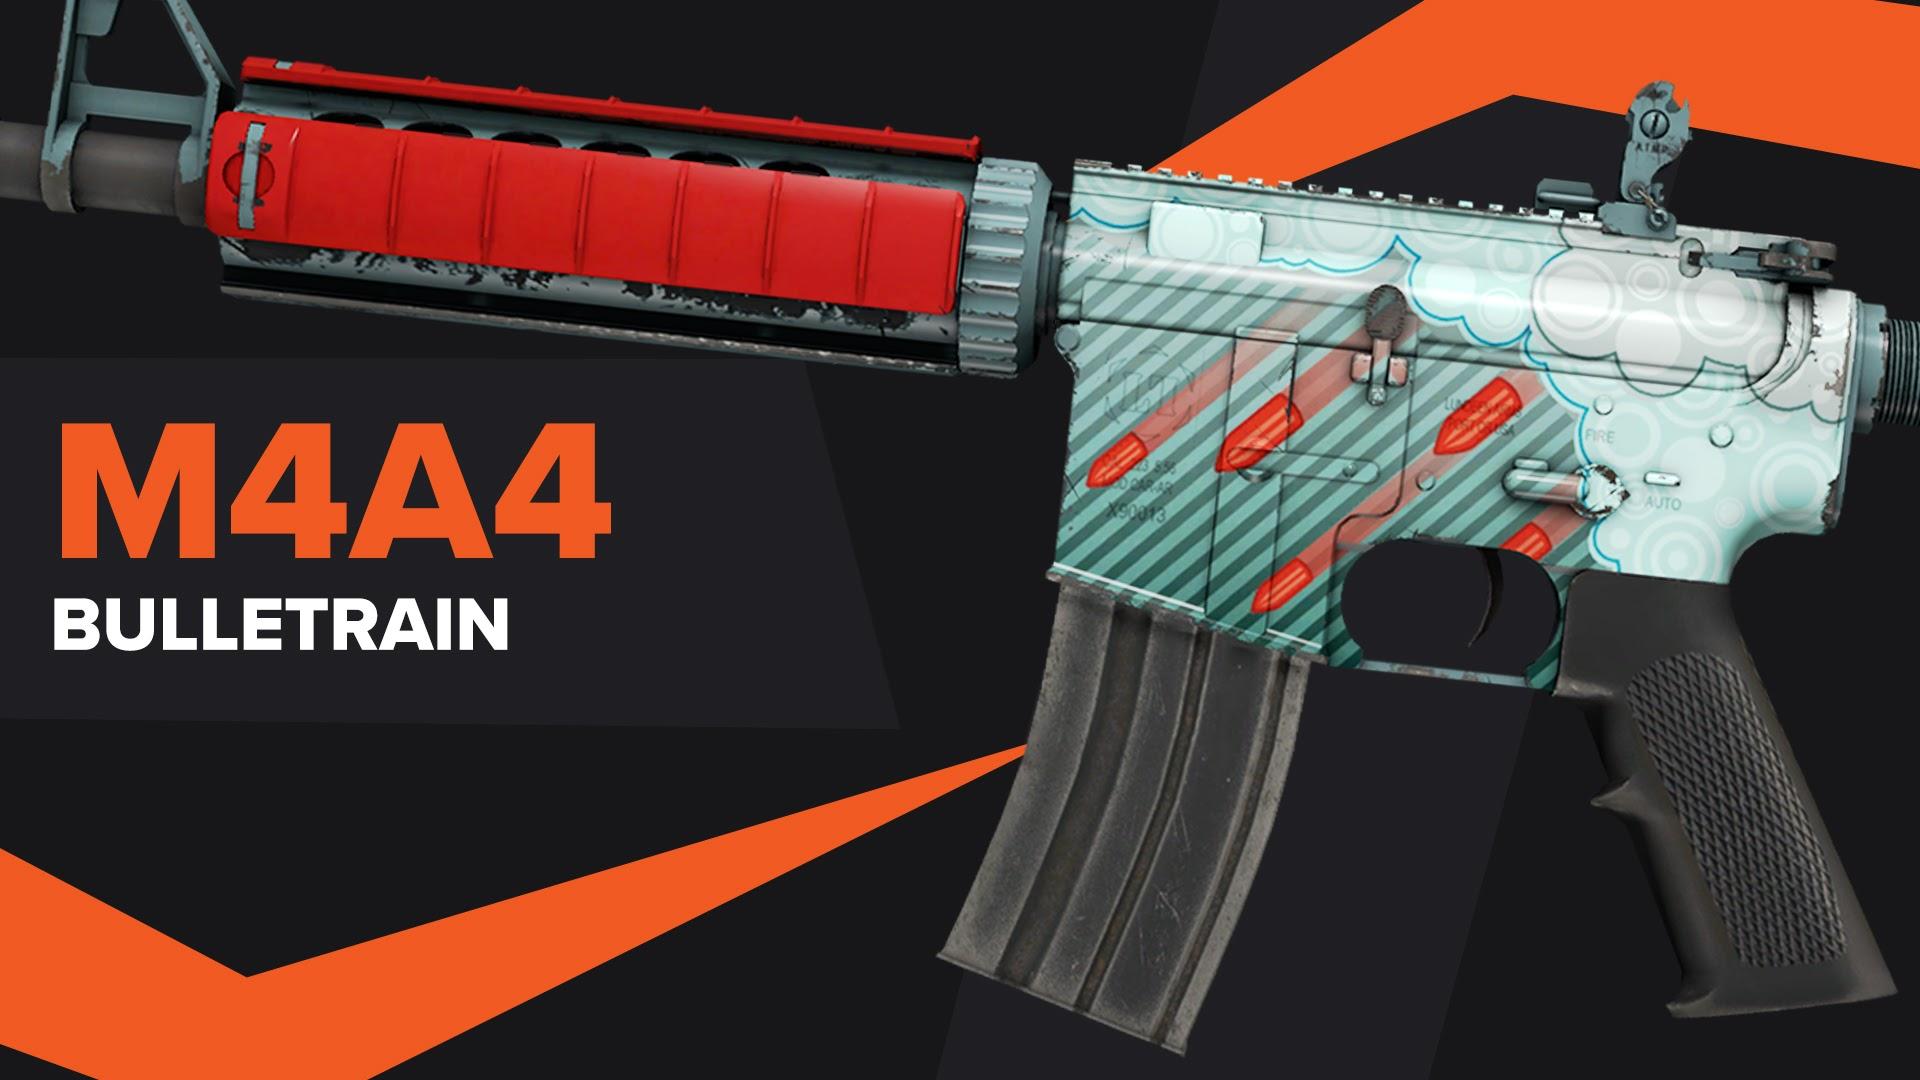 Bulletrain CSGO Skin M4A4